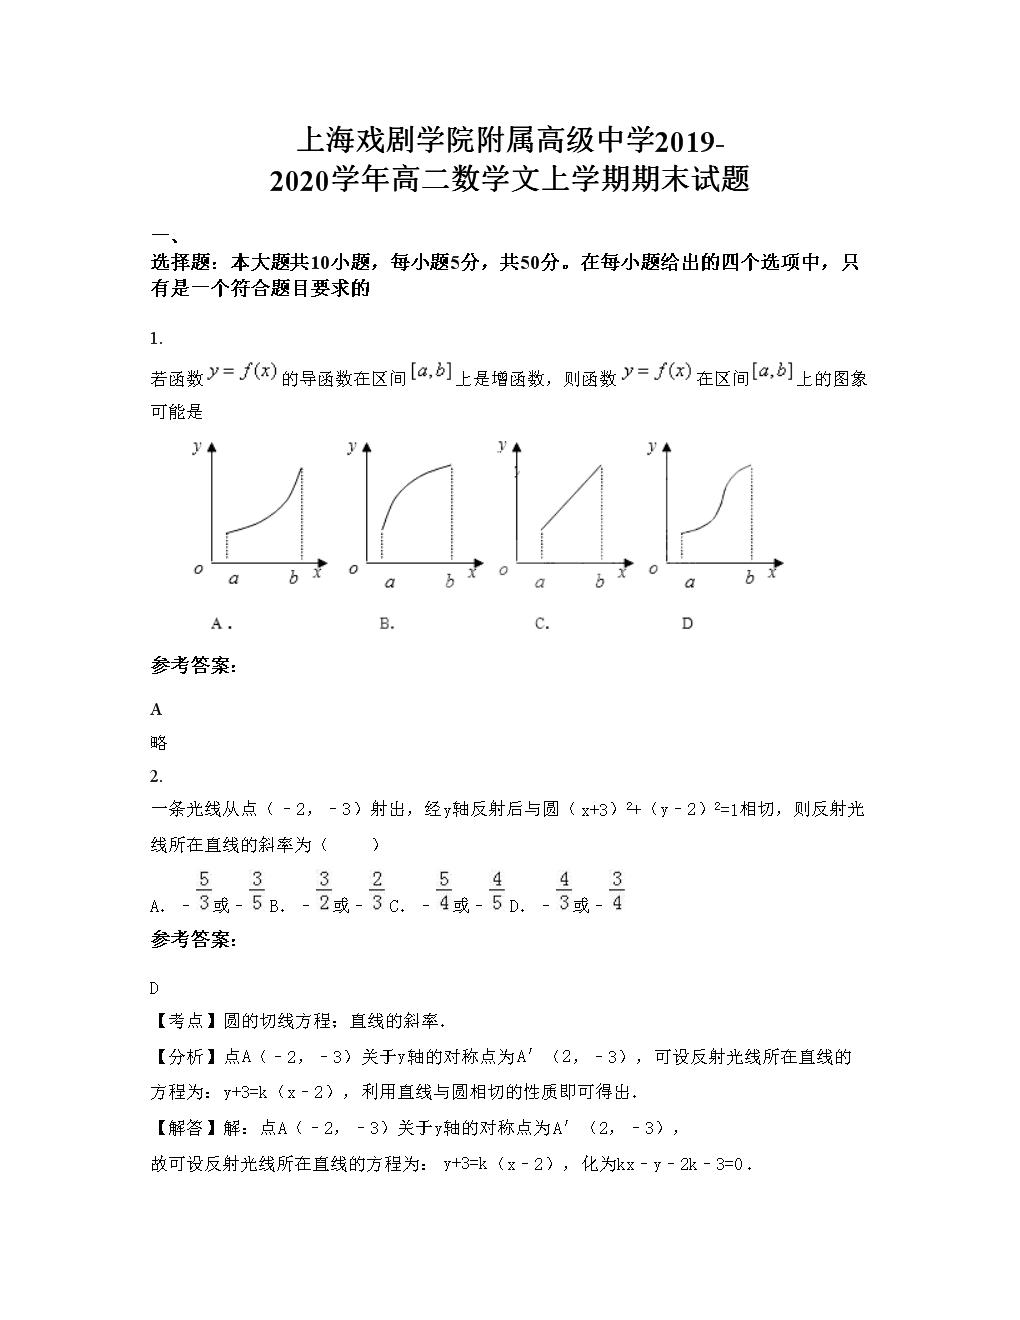 上海戏剧学院附属高级中学2019-2020学年高二数学文上学期期末试题.docx